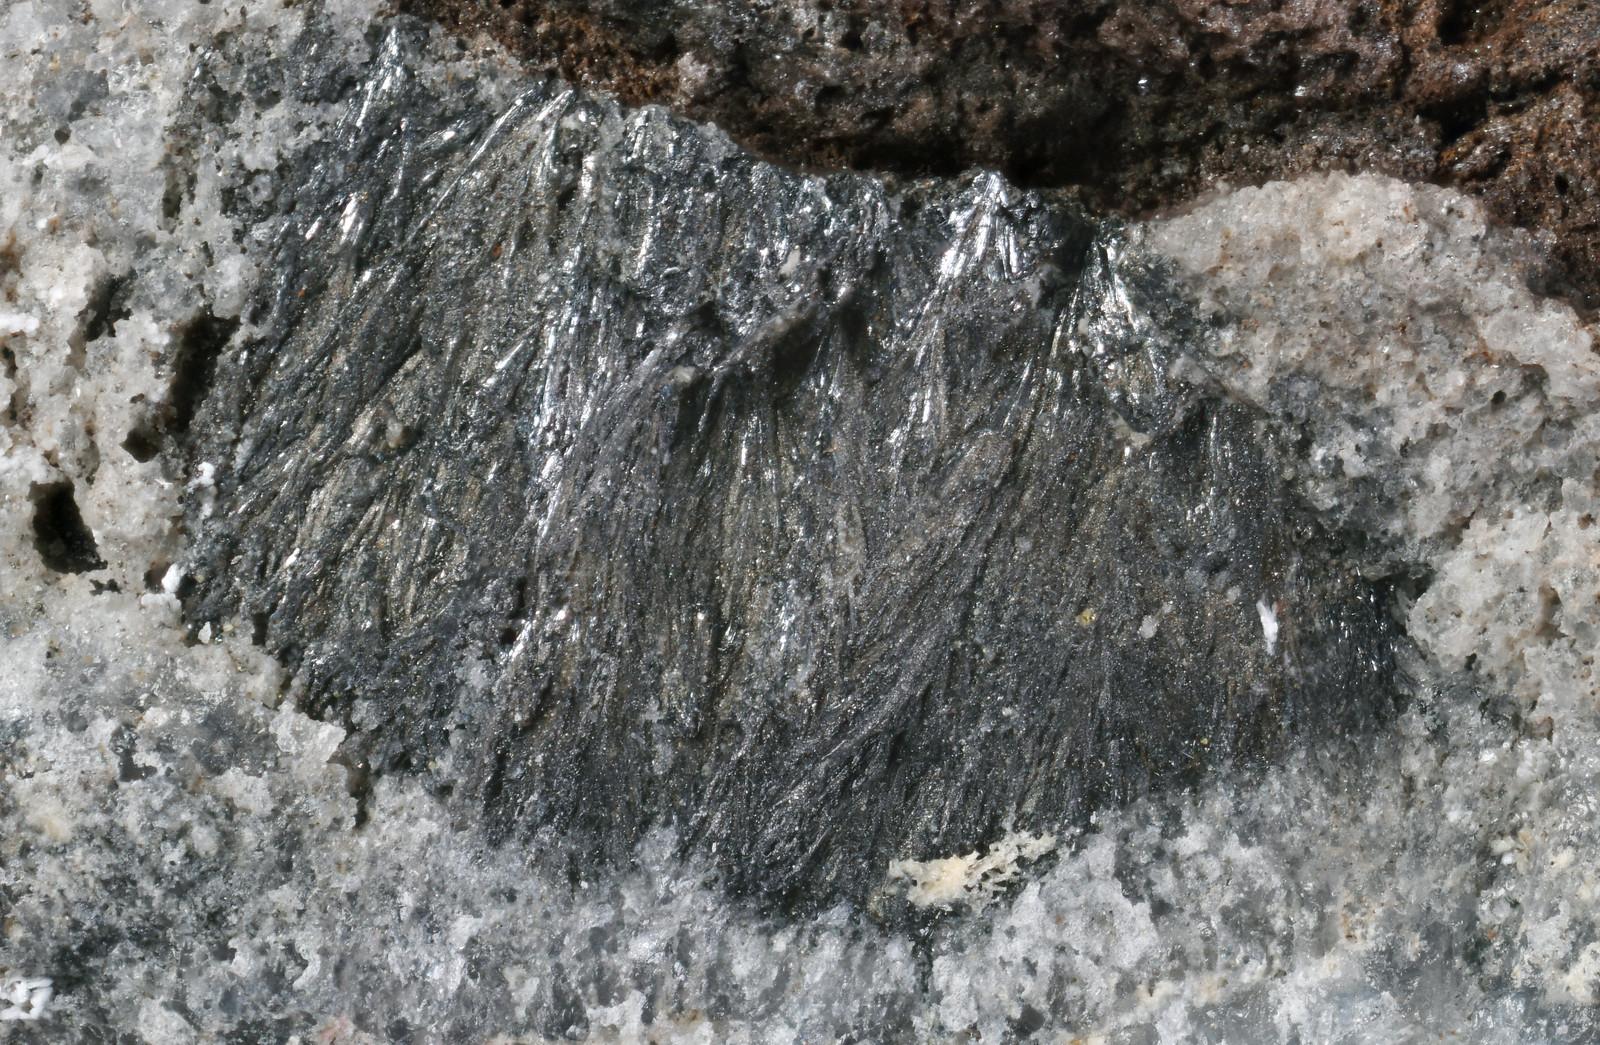 パラ輝砒鉱 / Pararsenolamprite